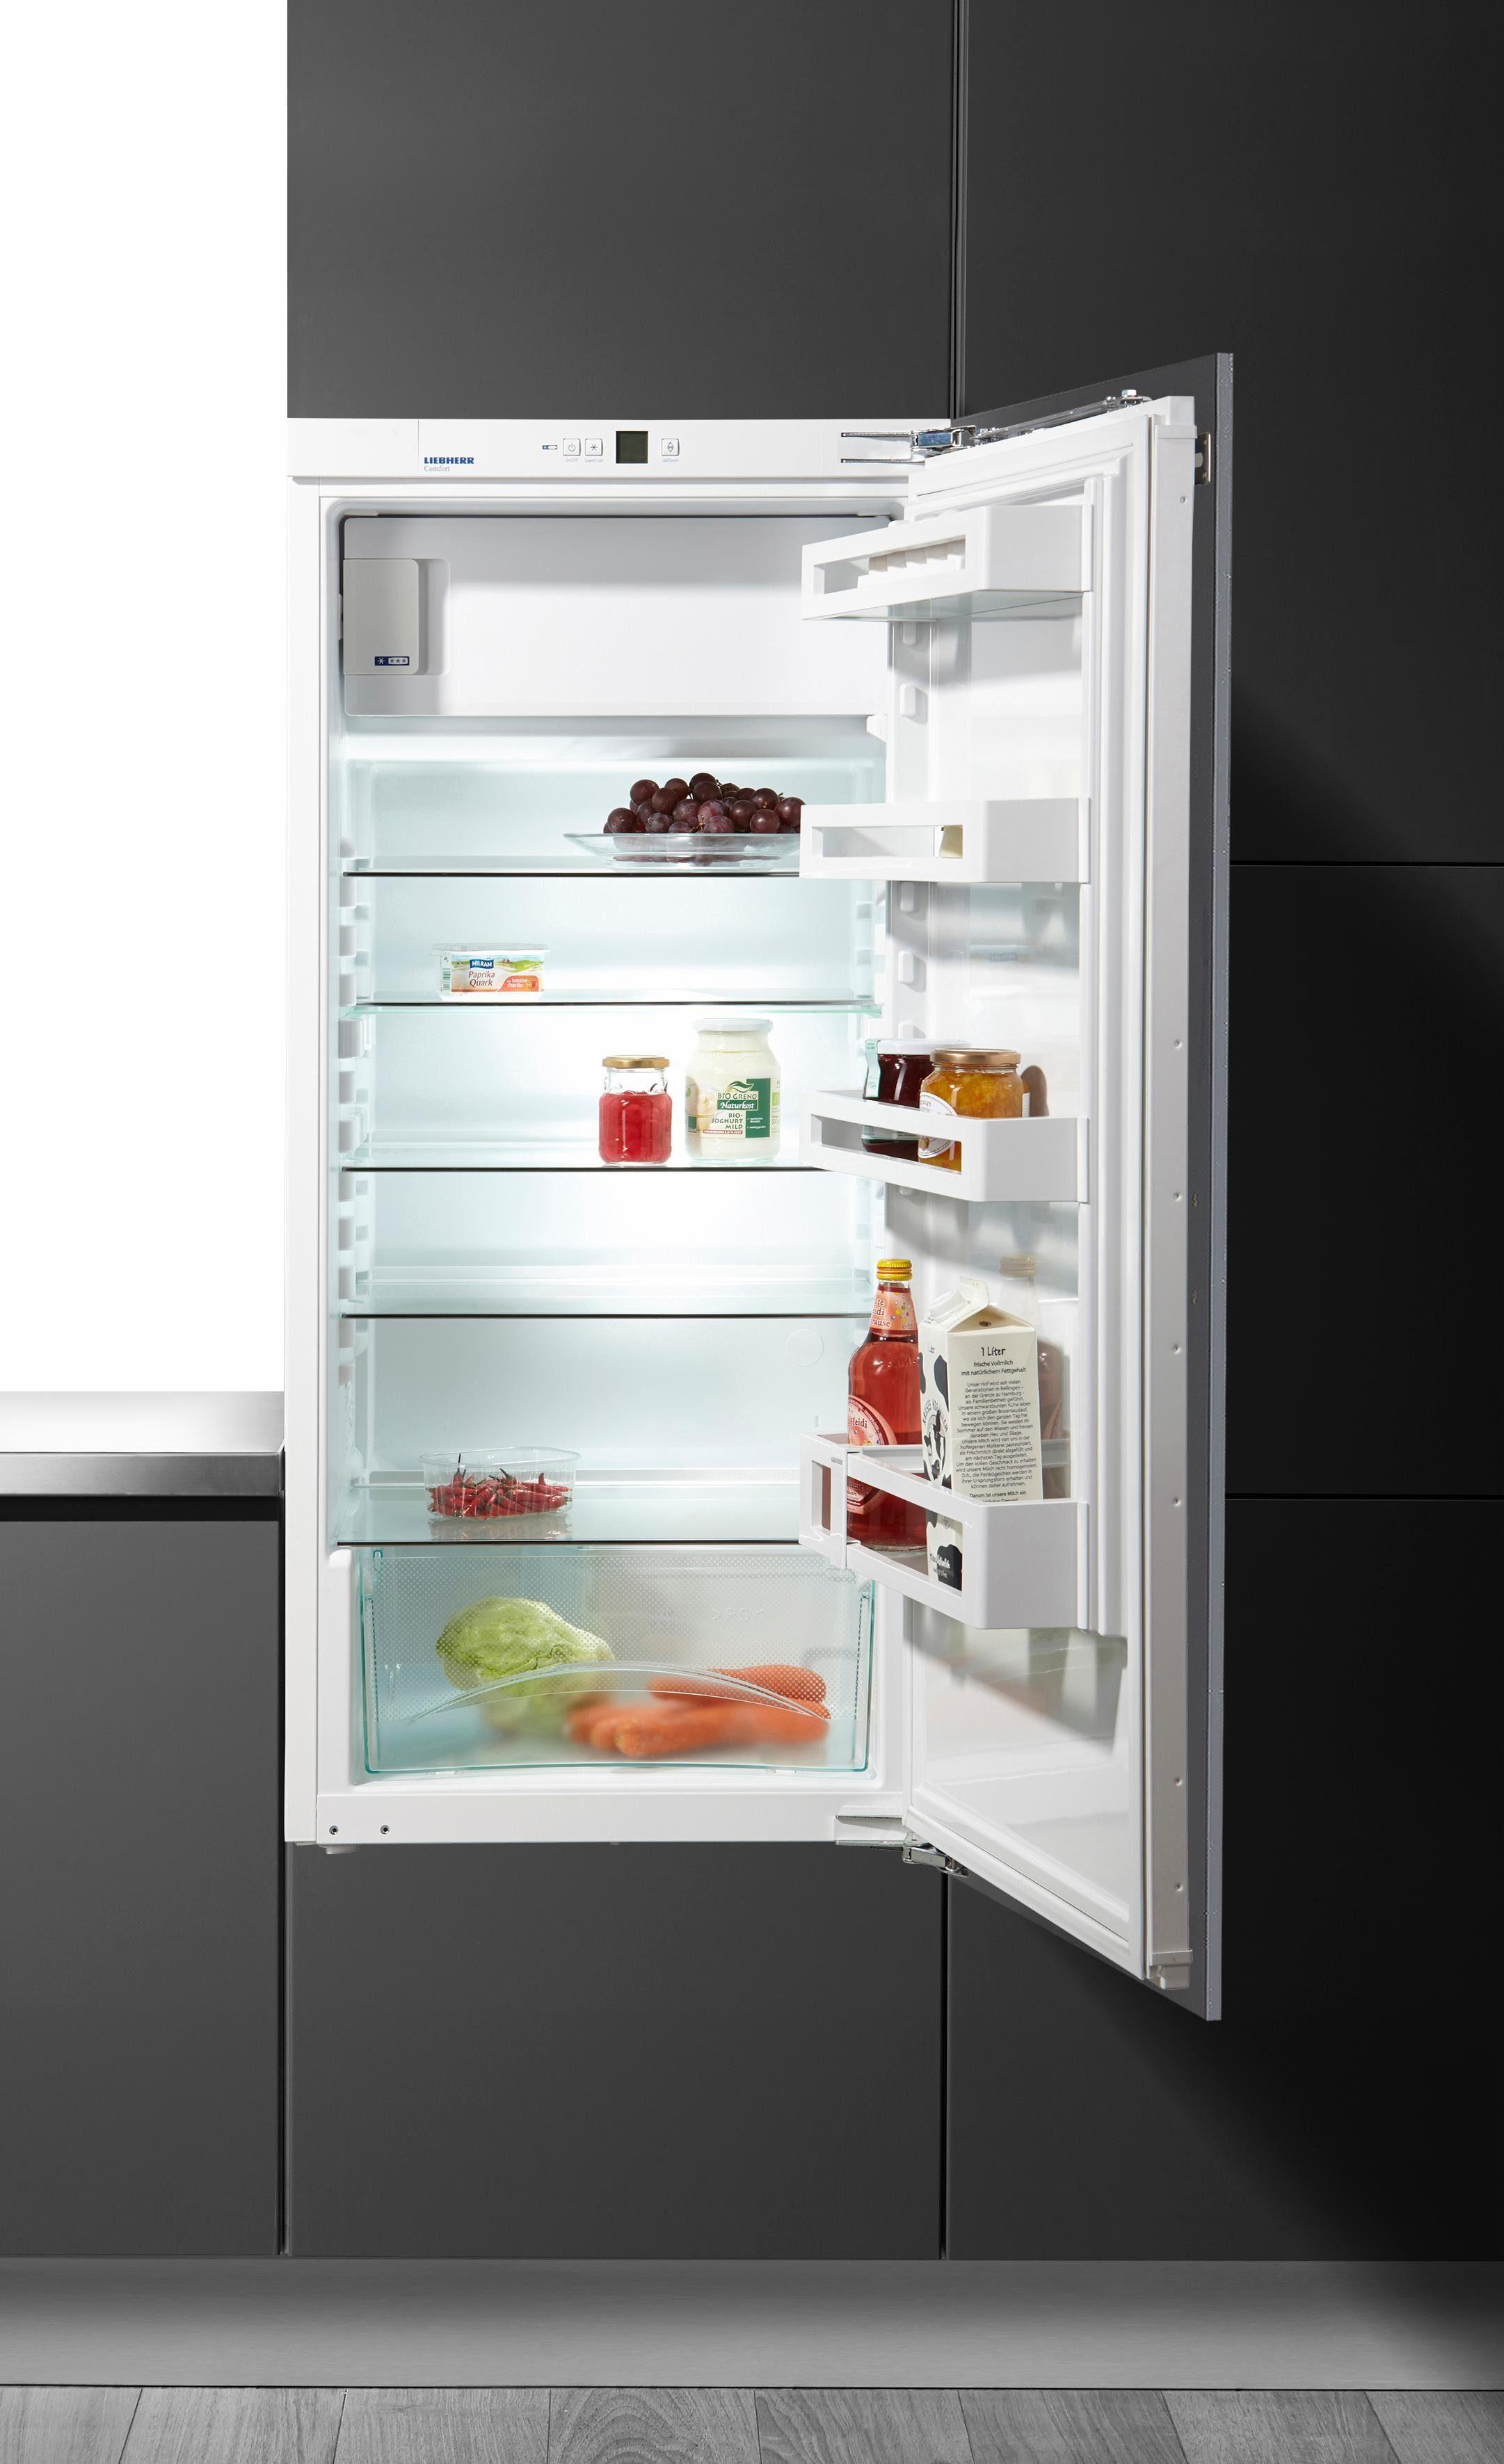 Liebherr integrierbarer Einbau-Kühlschrank IK 2314, A++, 121,8 cm hoch